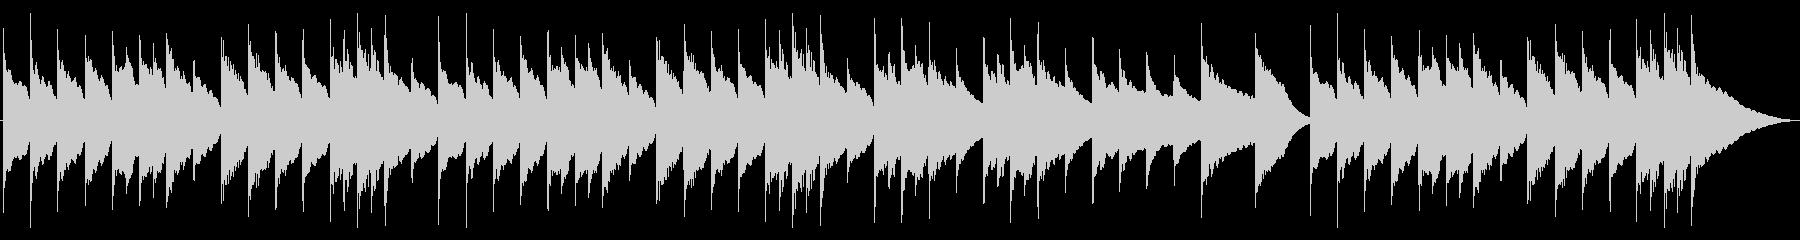 アレグロ オルゴールの未再生の波形